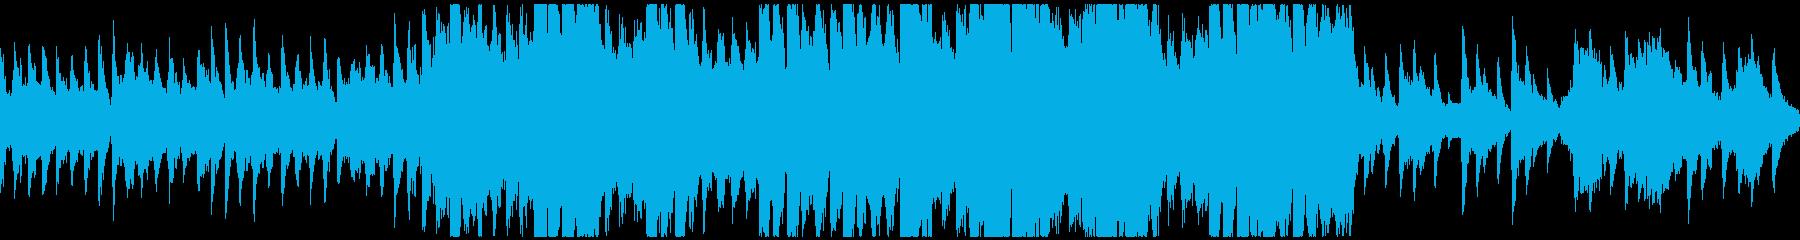 バイオリン/神秘/森-遺跡 |ω·`)の再生済みの波形